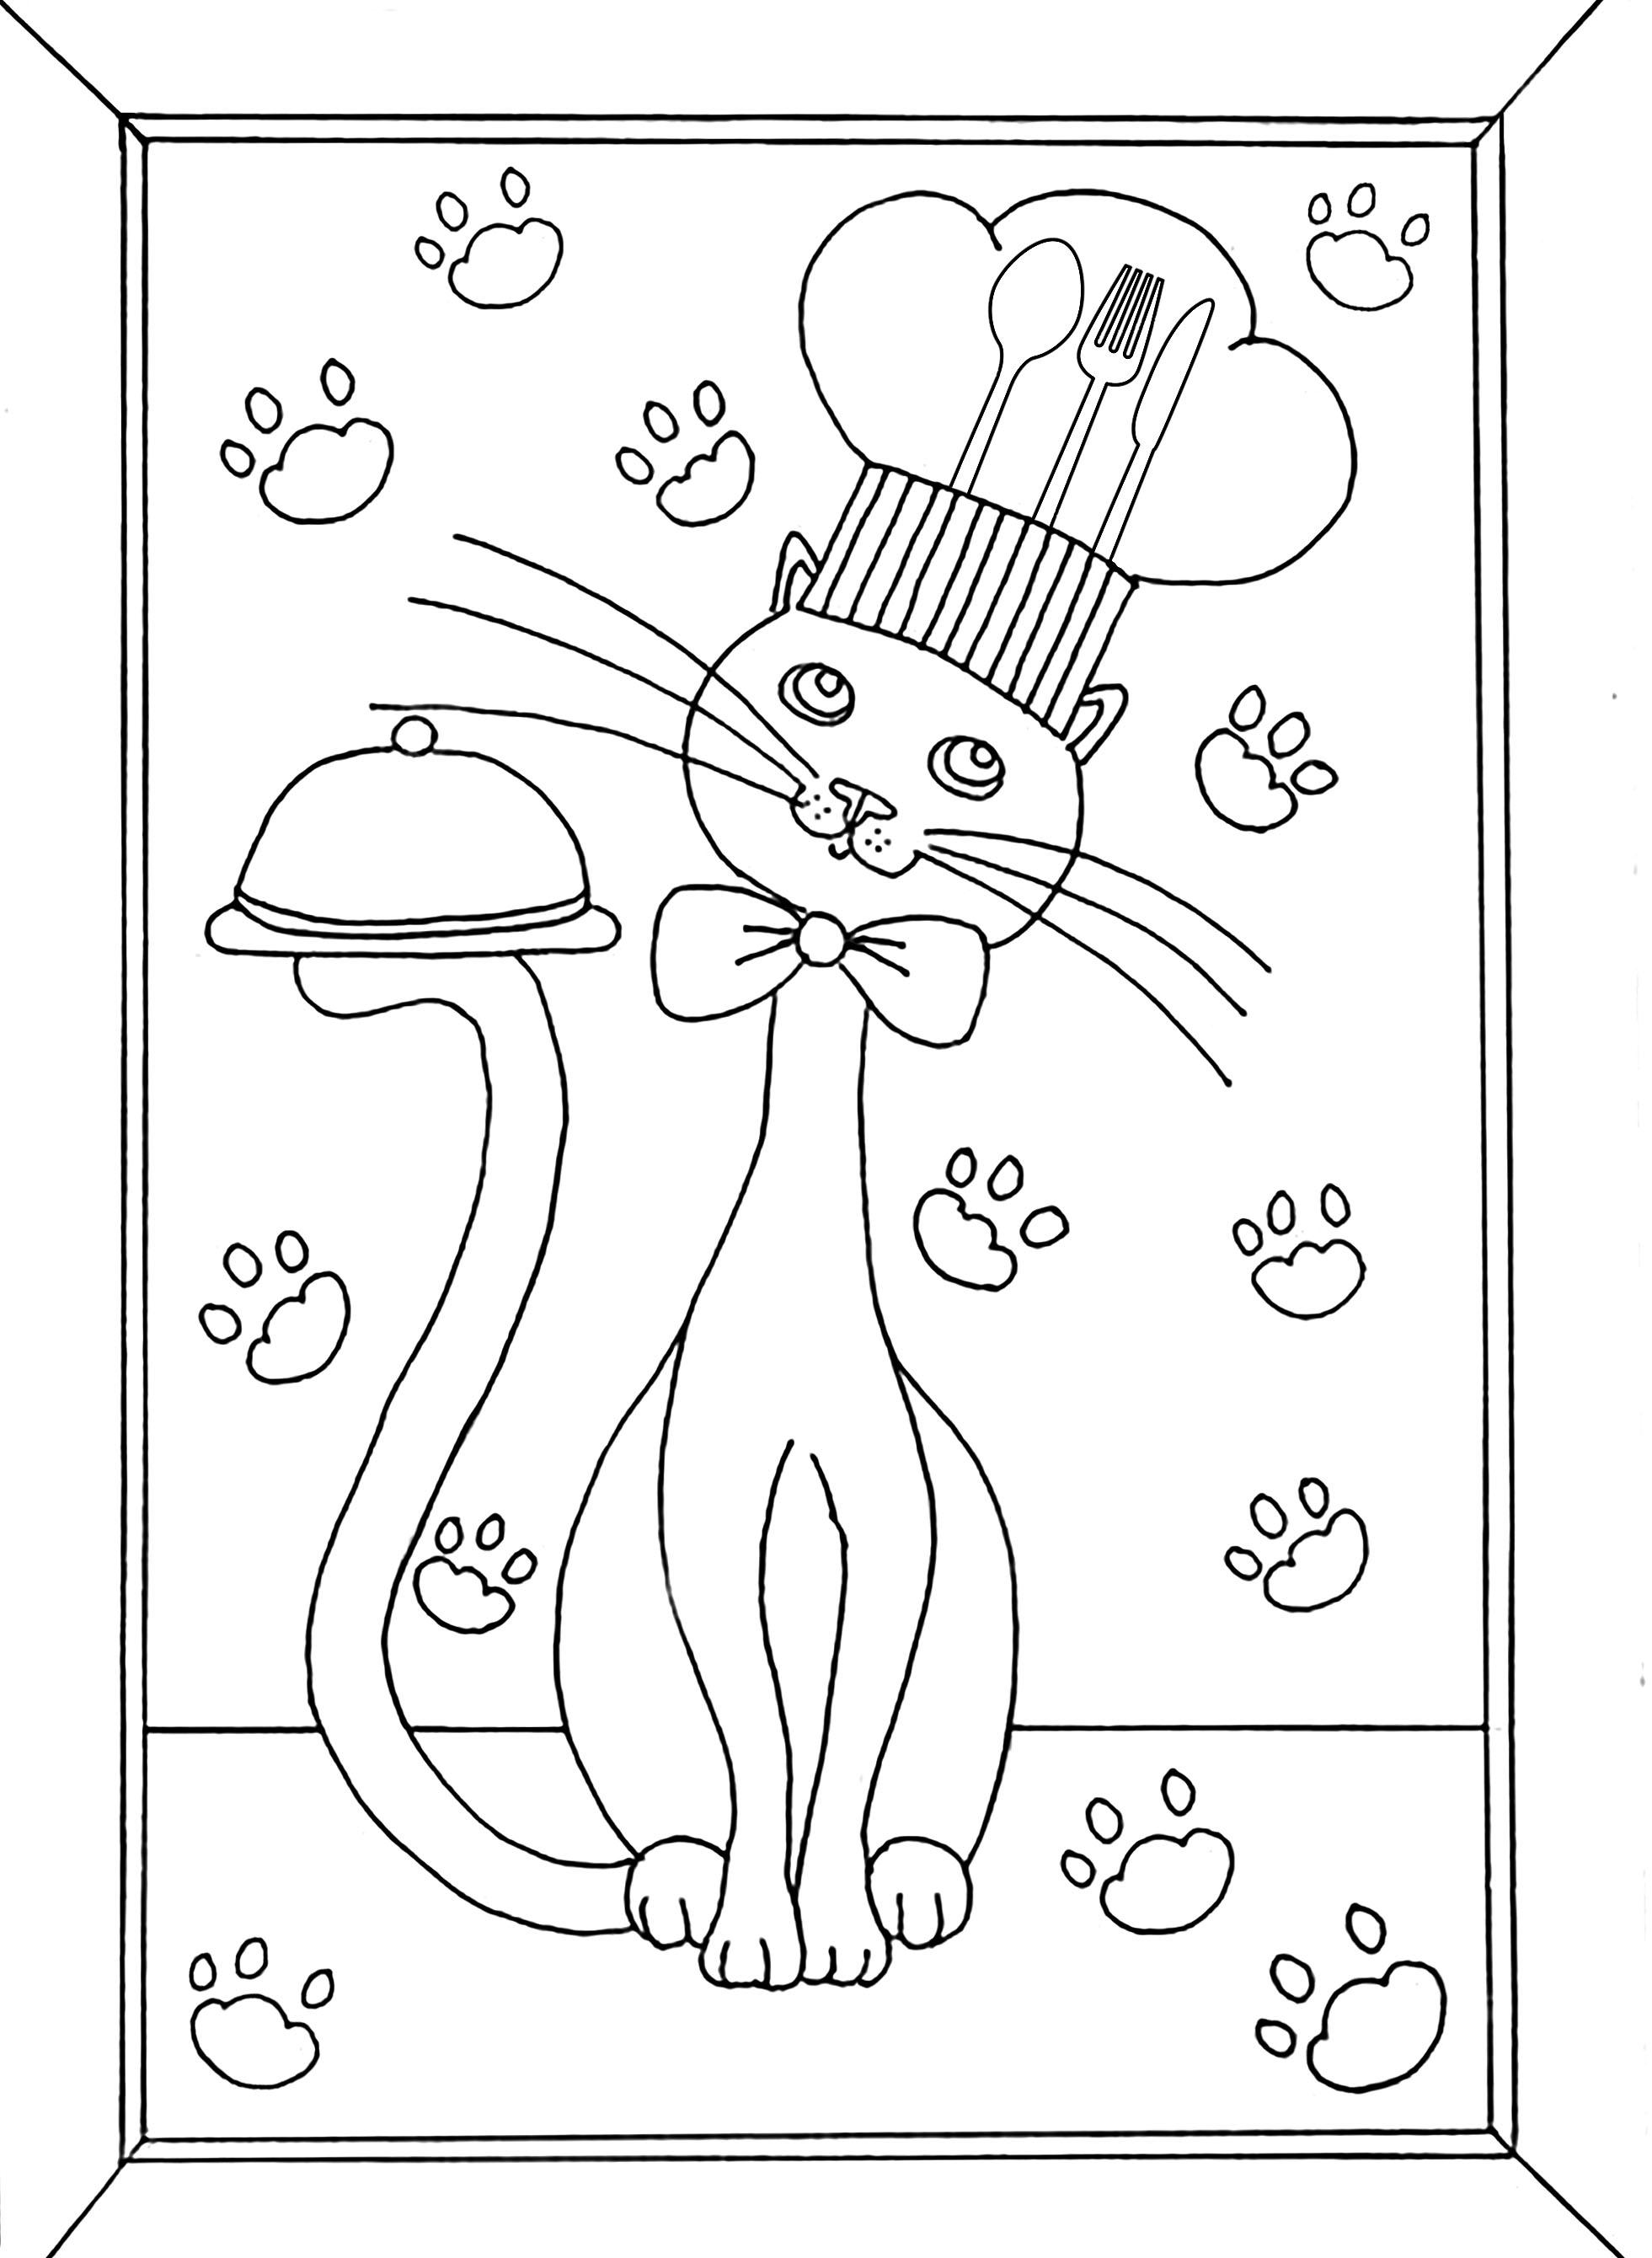 Colorear para Adultos : Gatos - 1